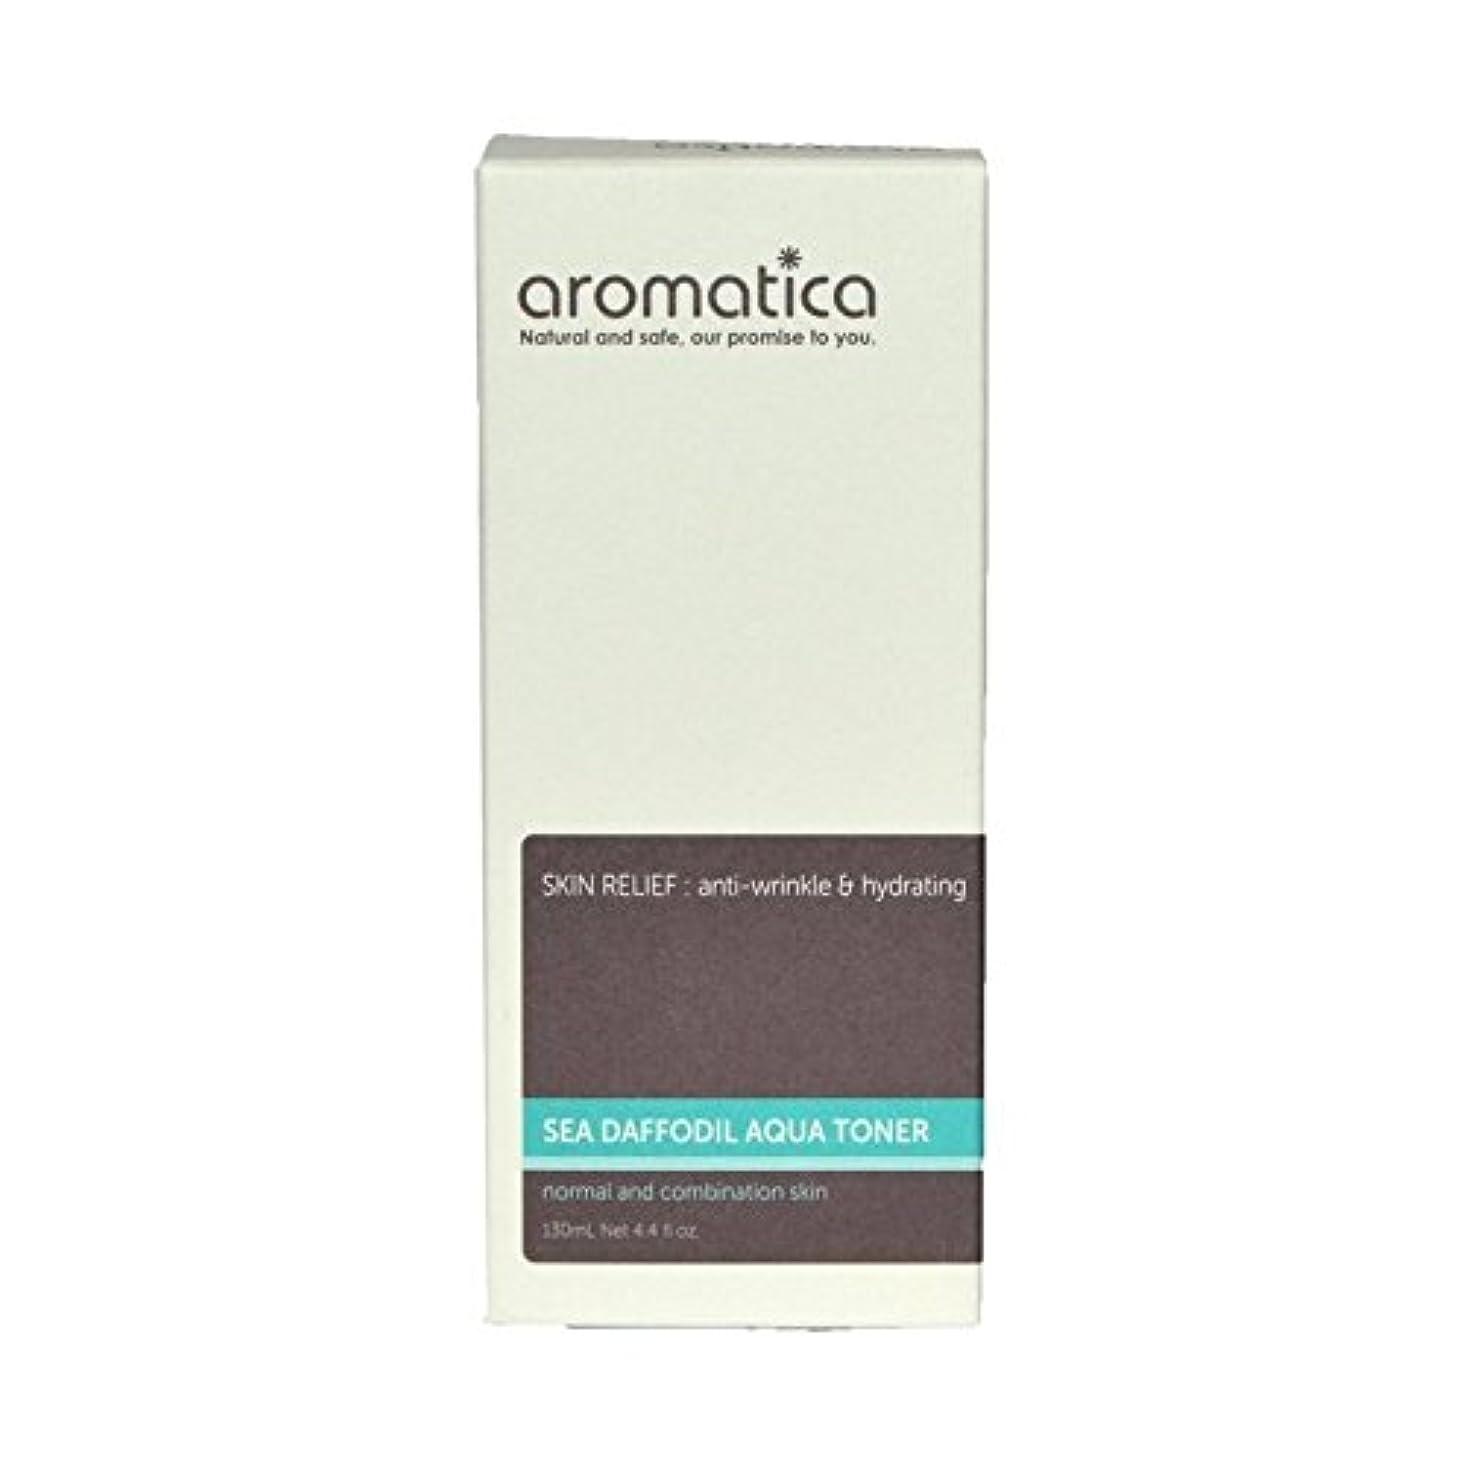 番目ミトンキャベツ海スイセンアクアトナー130ミリリットル x4 - aromatica Sea Daffodil Aqua Toner 130ml (Pack of 4) [並行輸入品]